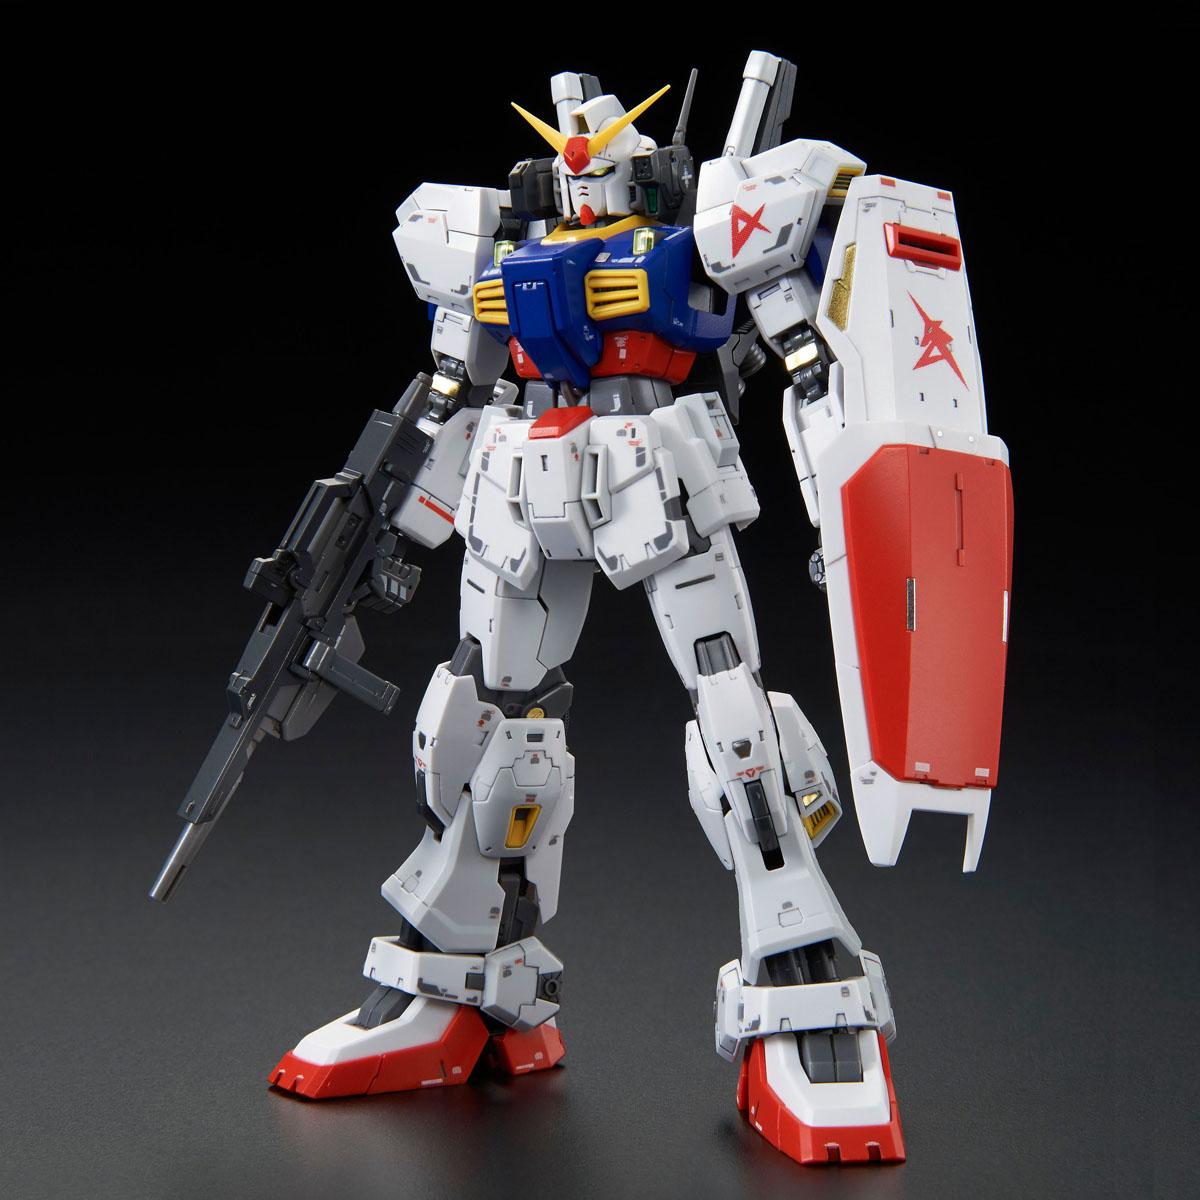 RG 1/144 RX-178 ガンダムMk-II RGリミテッドカラー Ver. [Gundam Mk-II (RG Limited Color Ver.)]